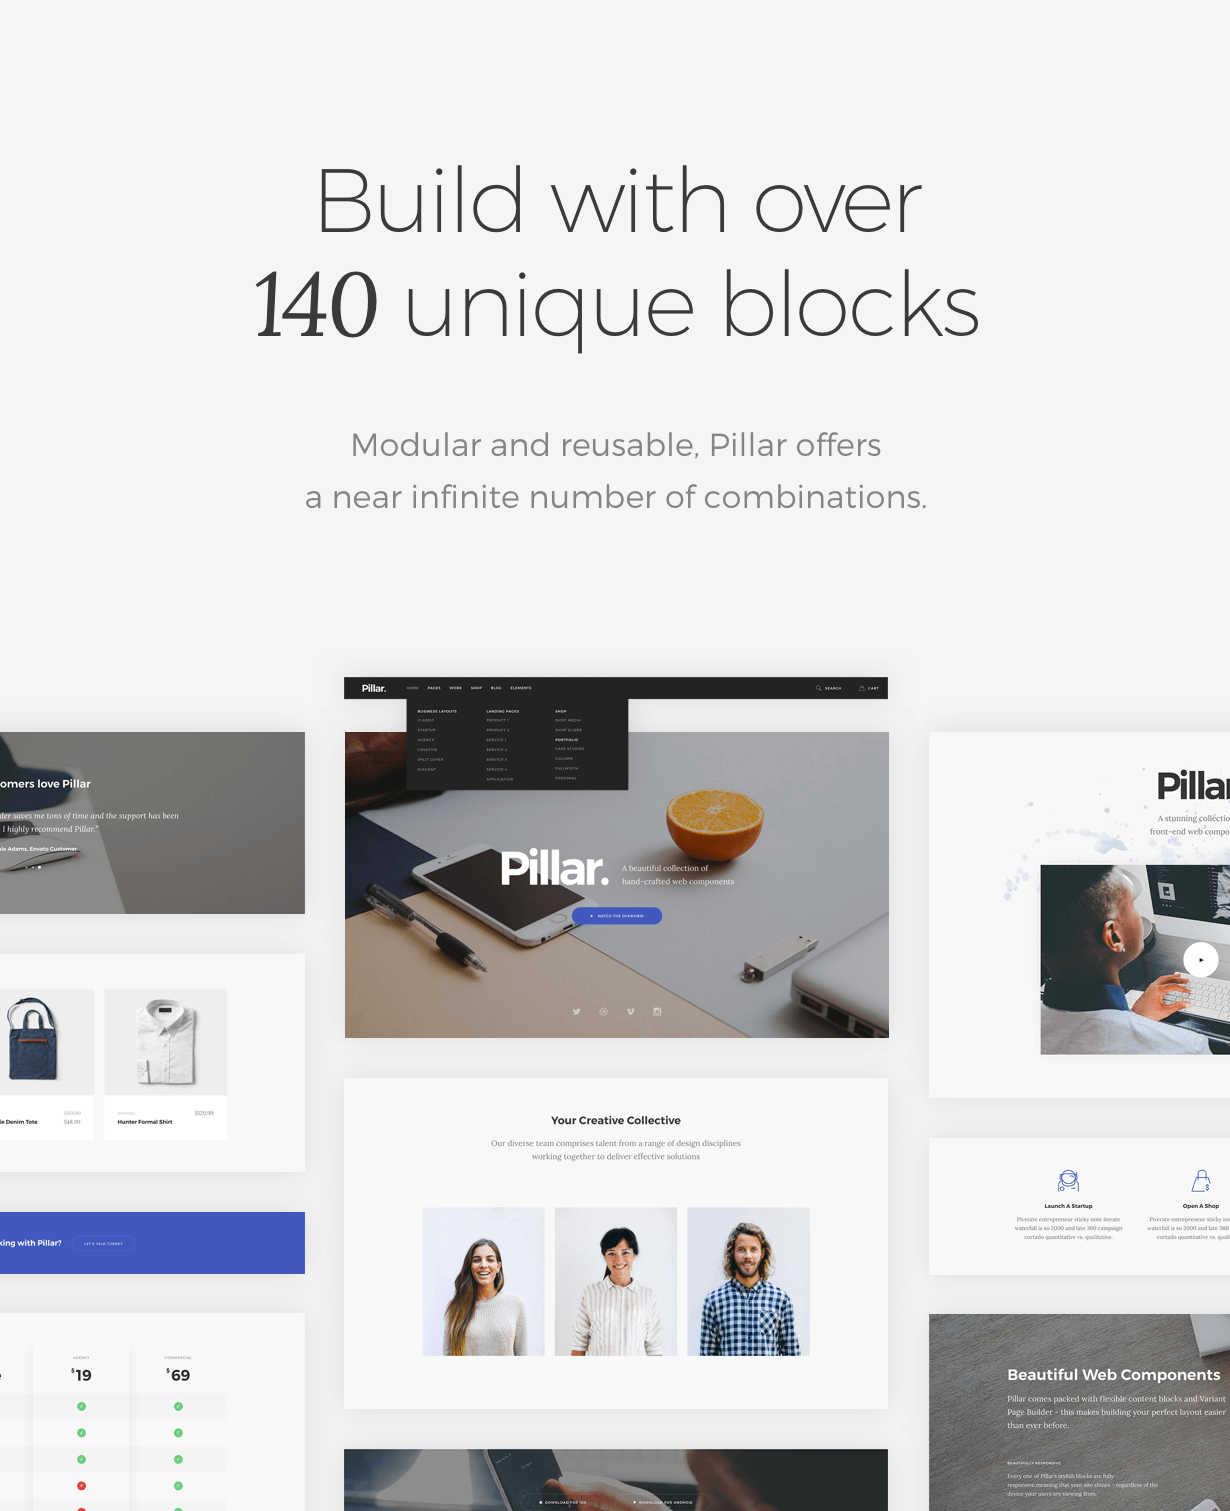 Pillar - 140 unique blocks